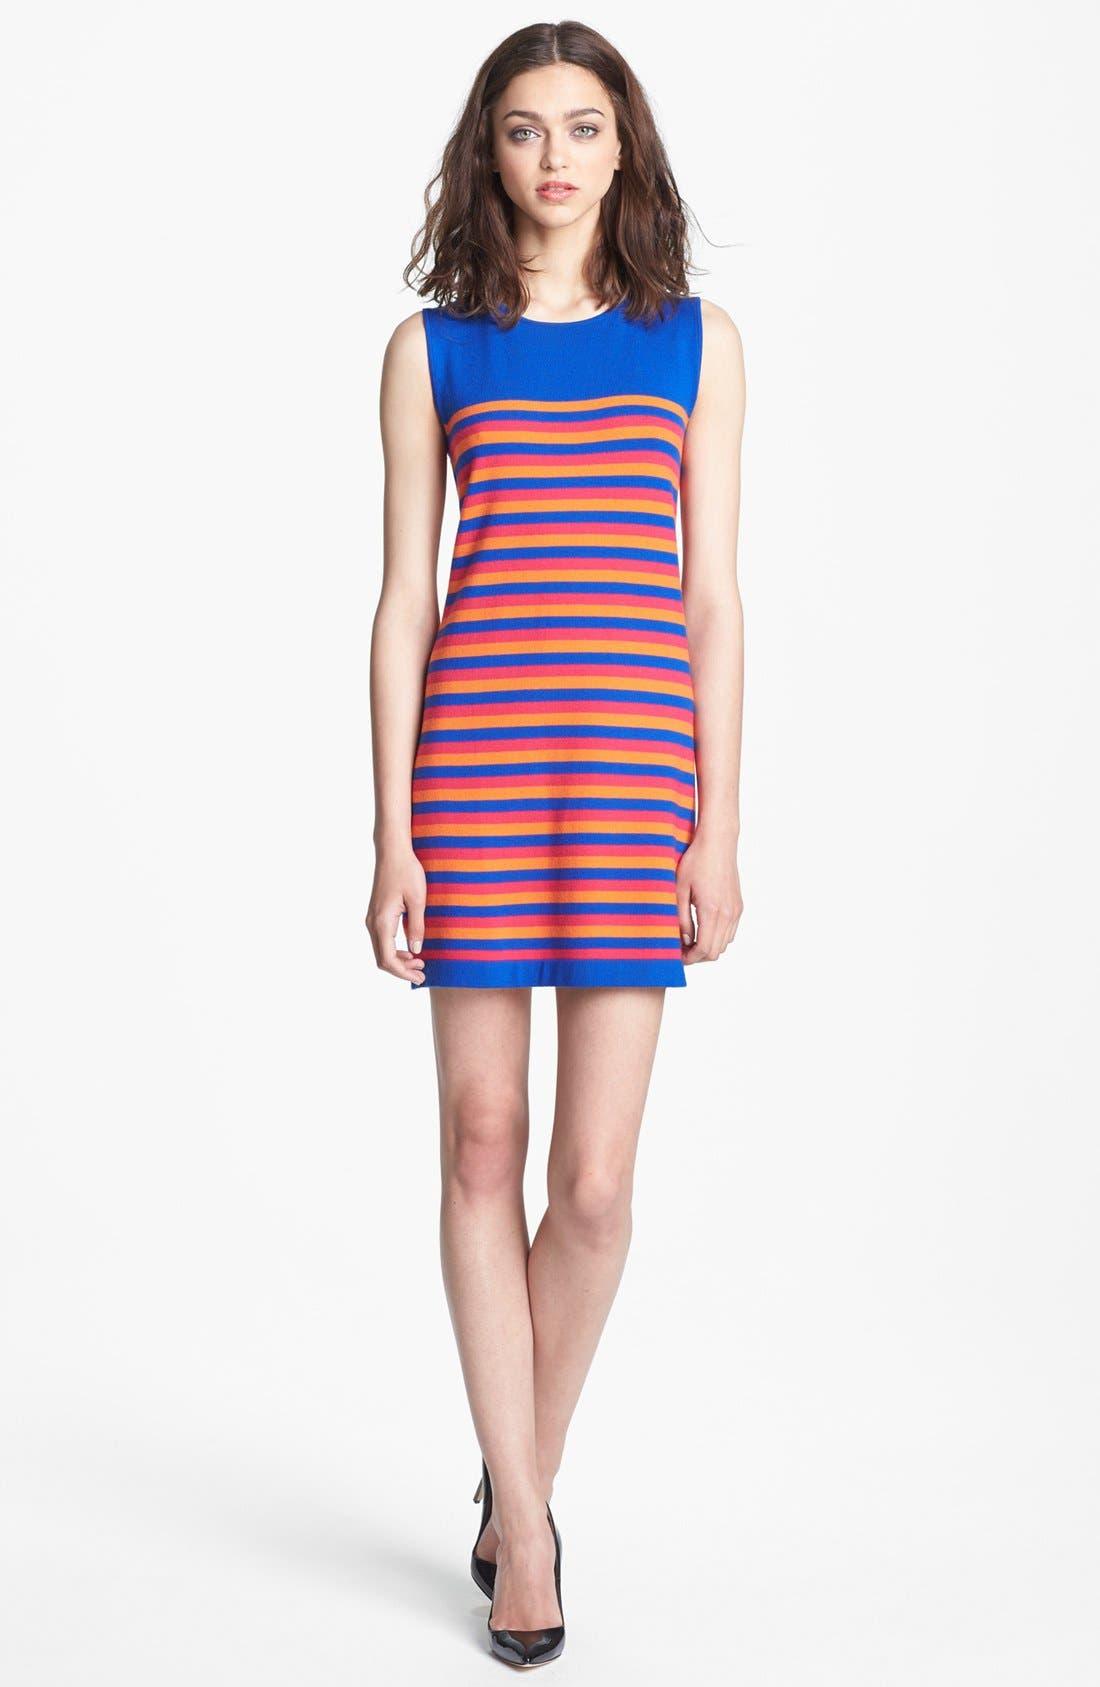 Alternate Image 1 Selected - Miss Wu 'Kaki' Stripe Merino Wool Dress (Nordstrom Exclusive)